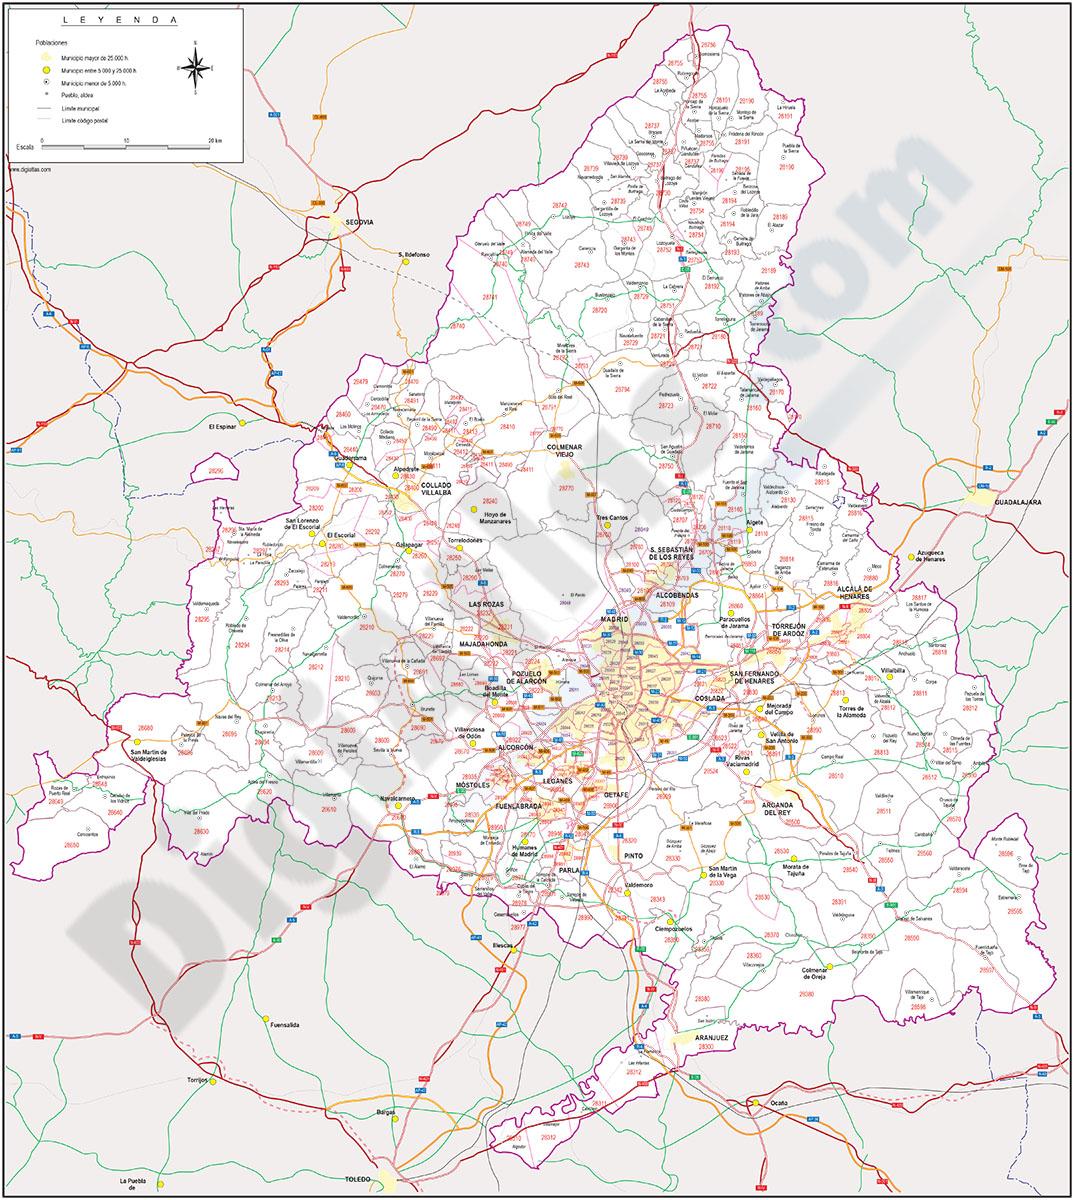 Madrid - mapa autonómico con Códigos Postales y carreteras